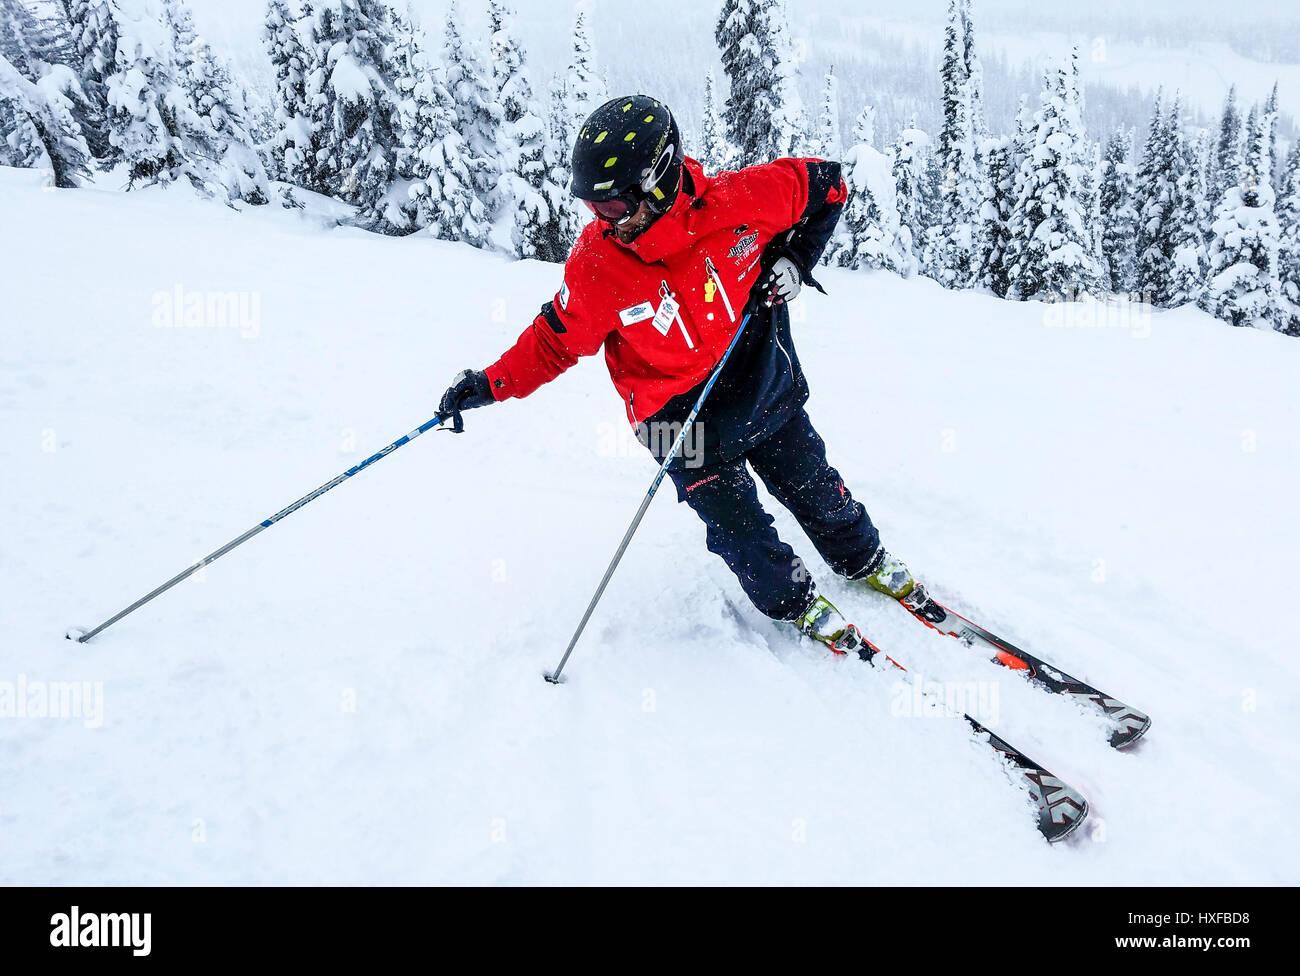 Durante la nevicata moderata che granuli il paesaggio, un istruttore a Big White ski resort mostra un esagerato Immagini Stock